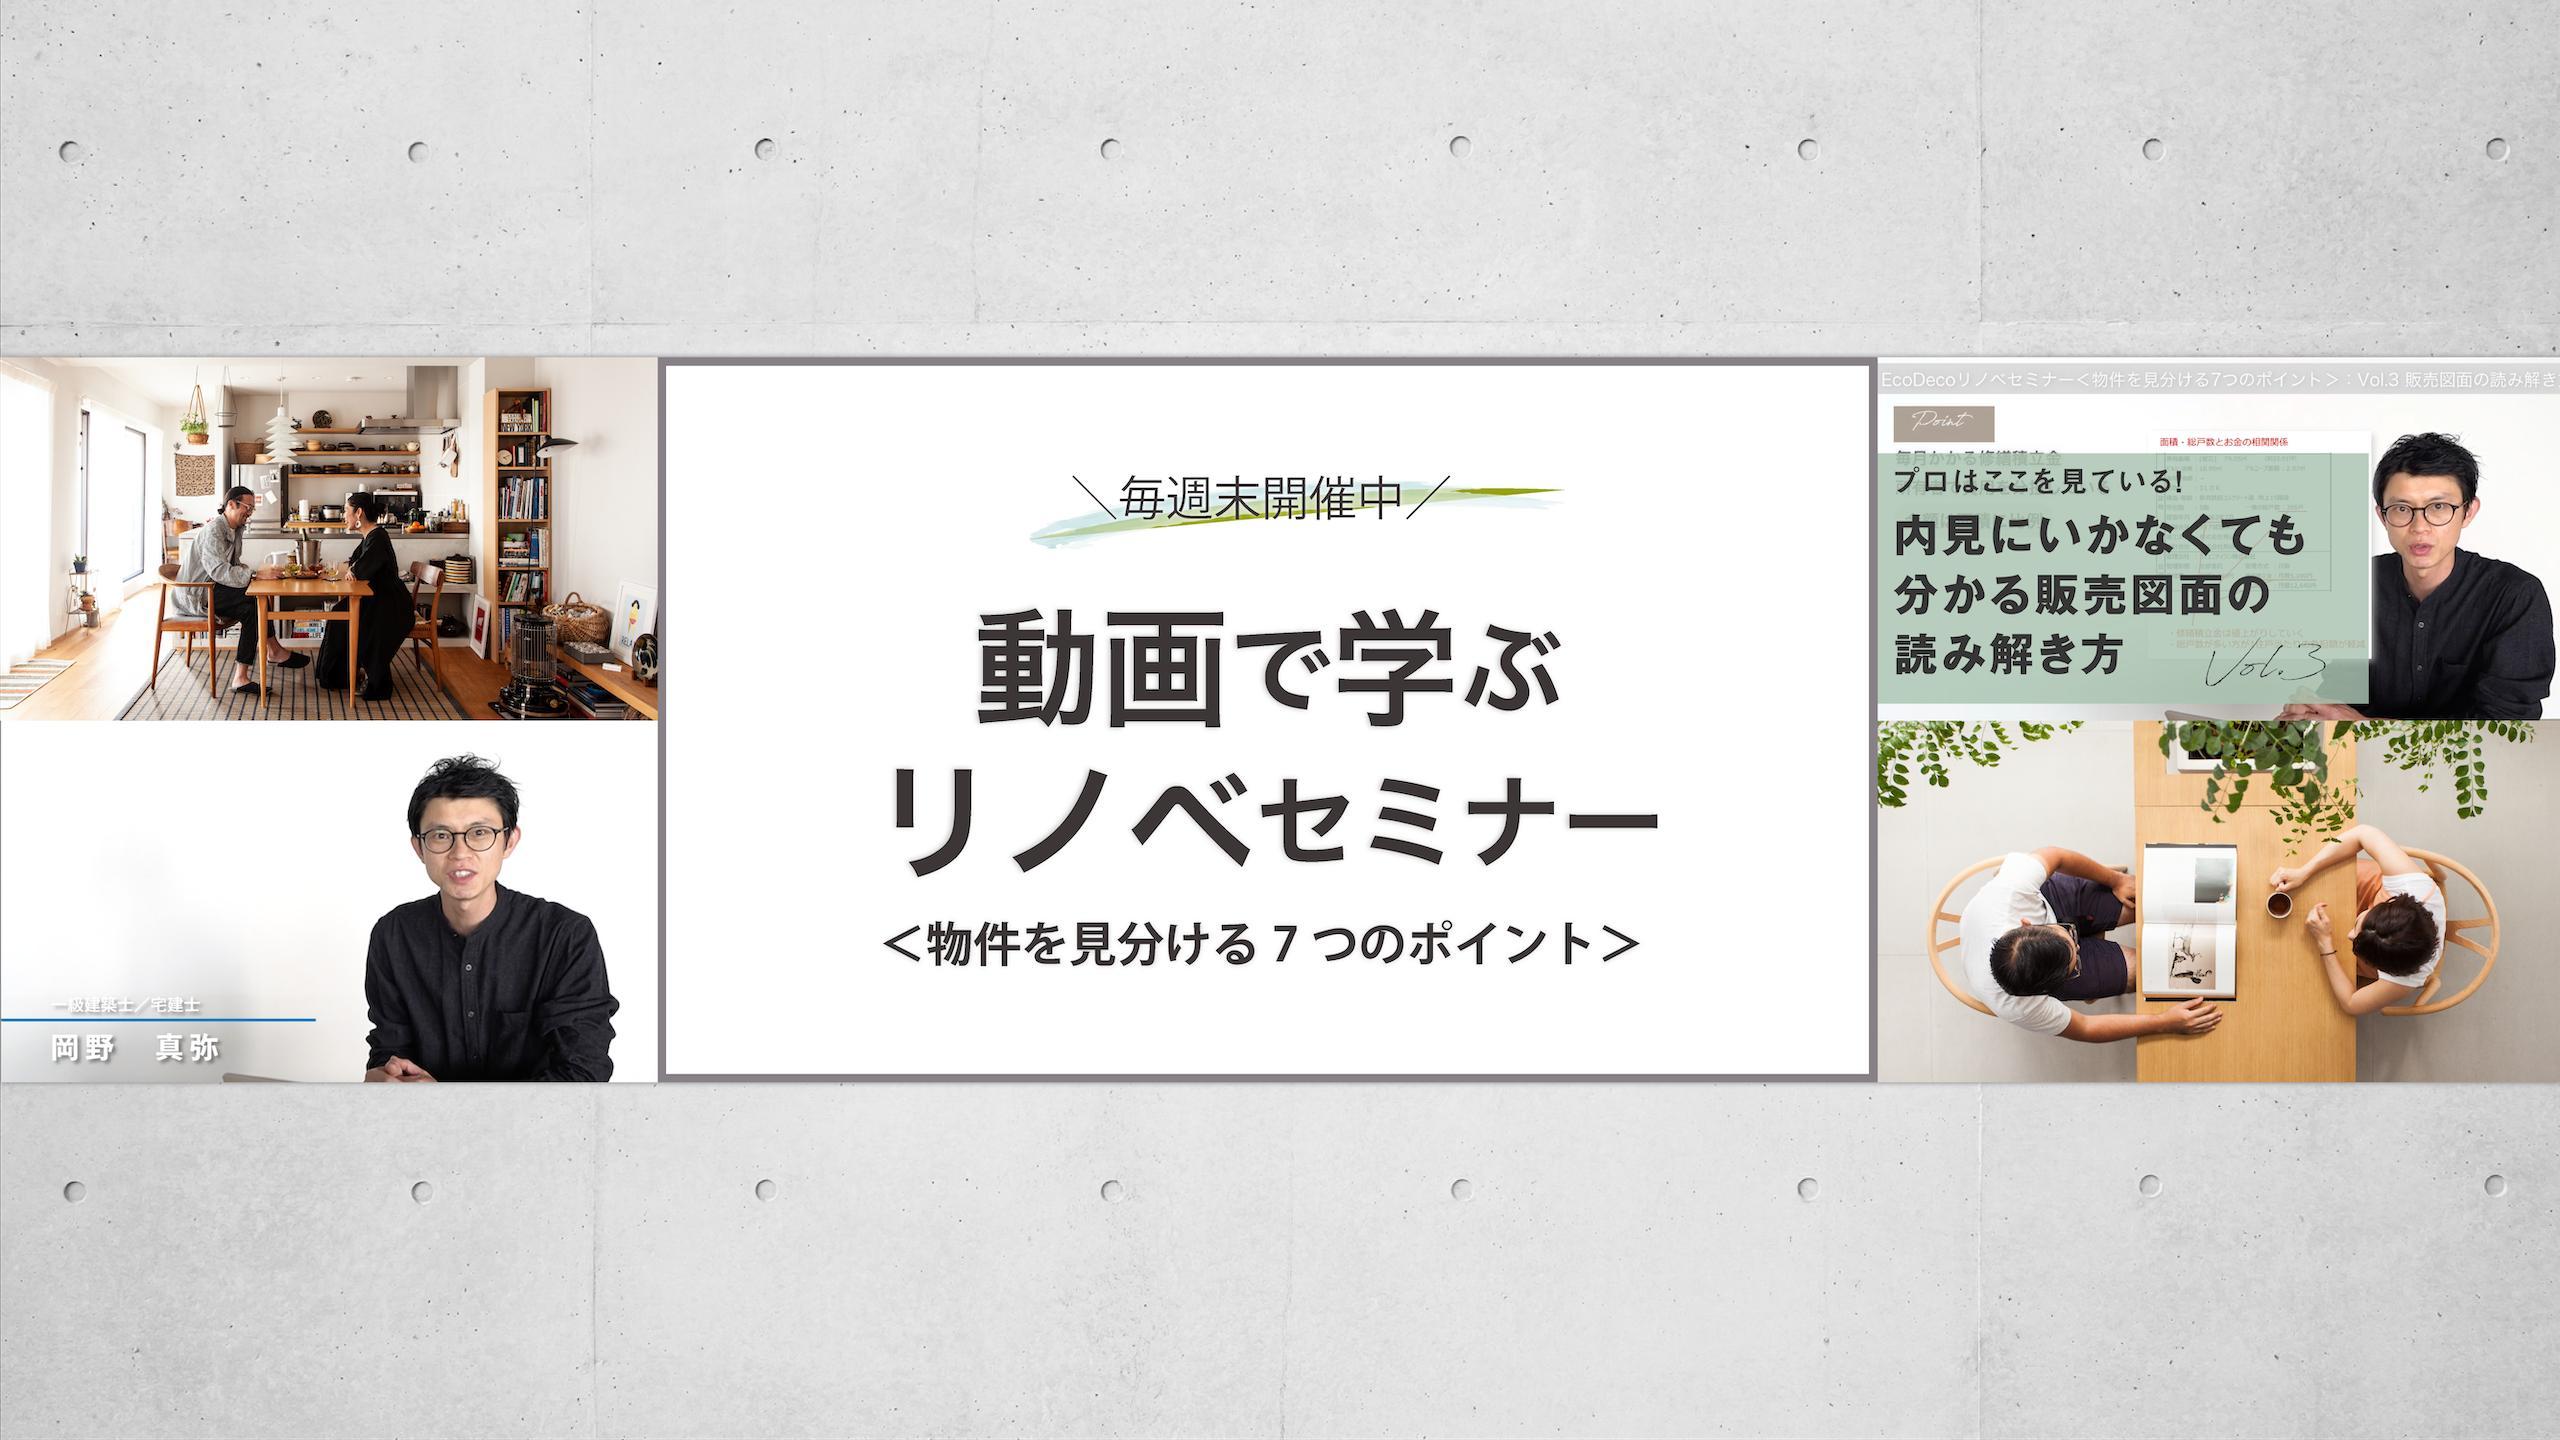 7/4(土)動画で学ぶリノベセミナー<理想のリノベを叶えるためのチェックポイント>